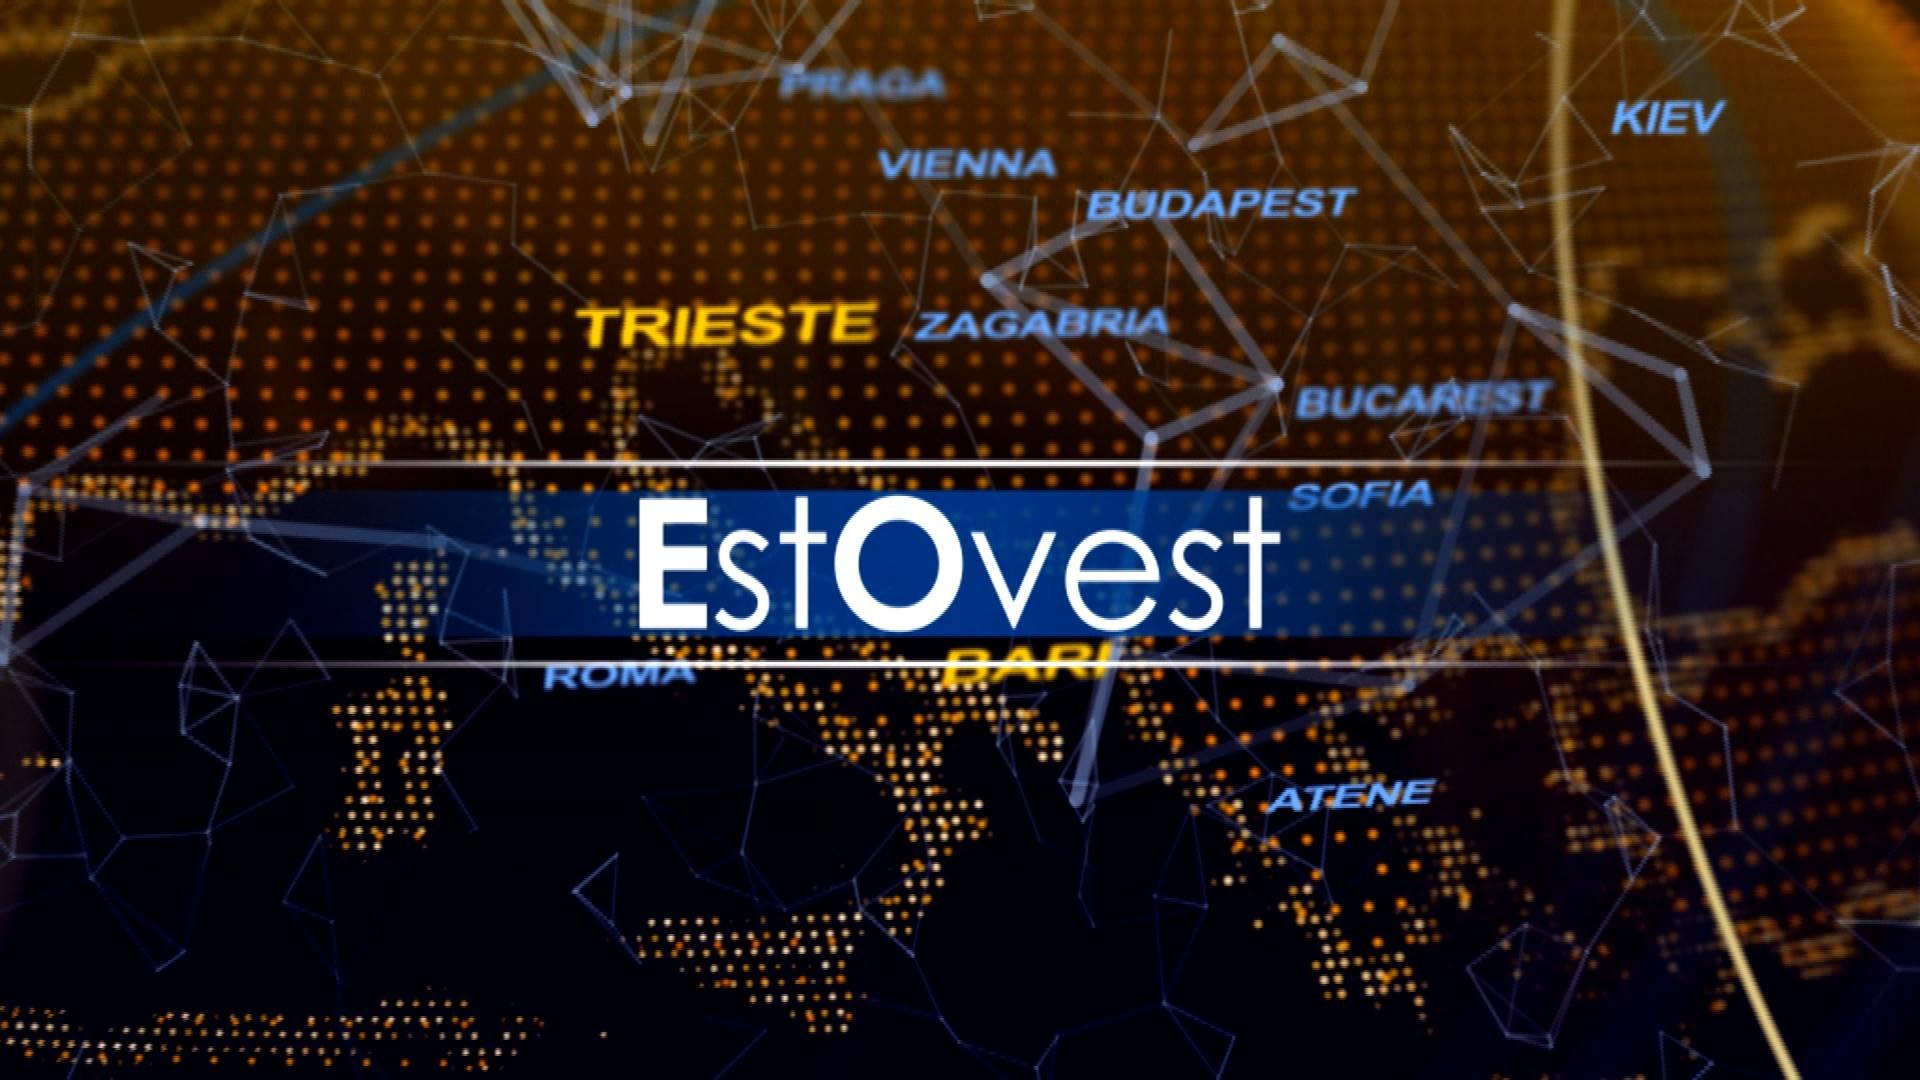 Acquaviva Collecroce in onda su Rai3 nella trasmissione EstOvest